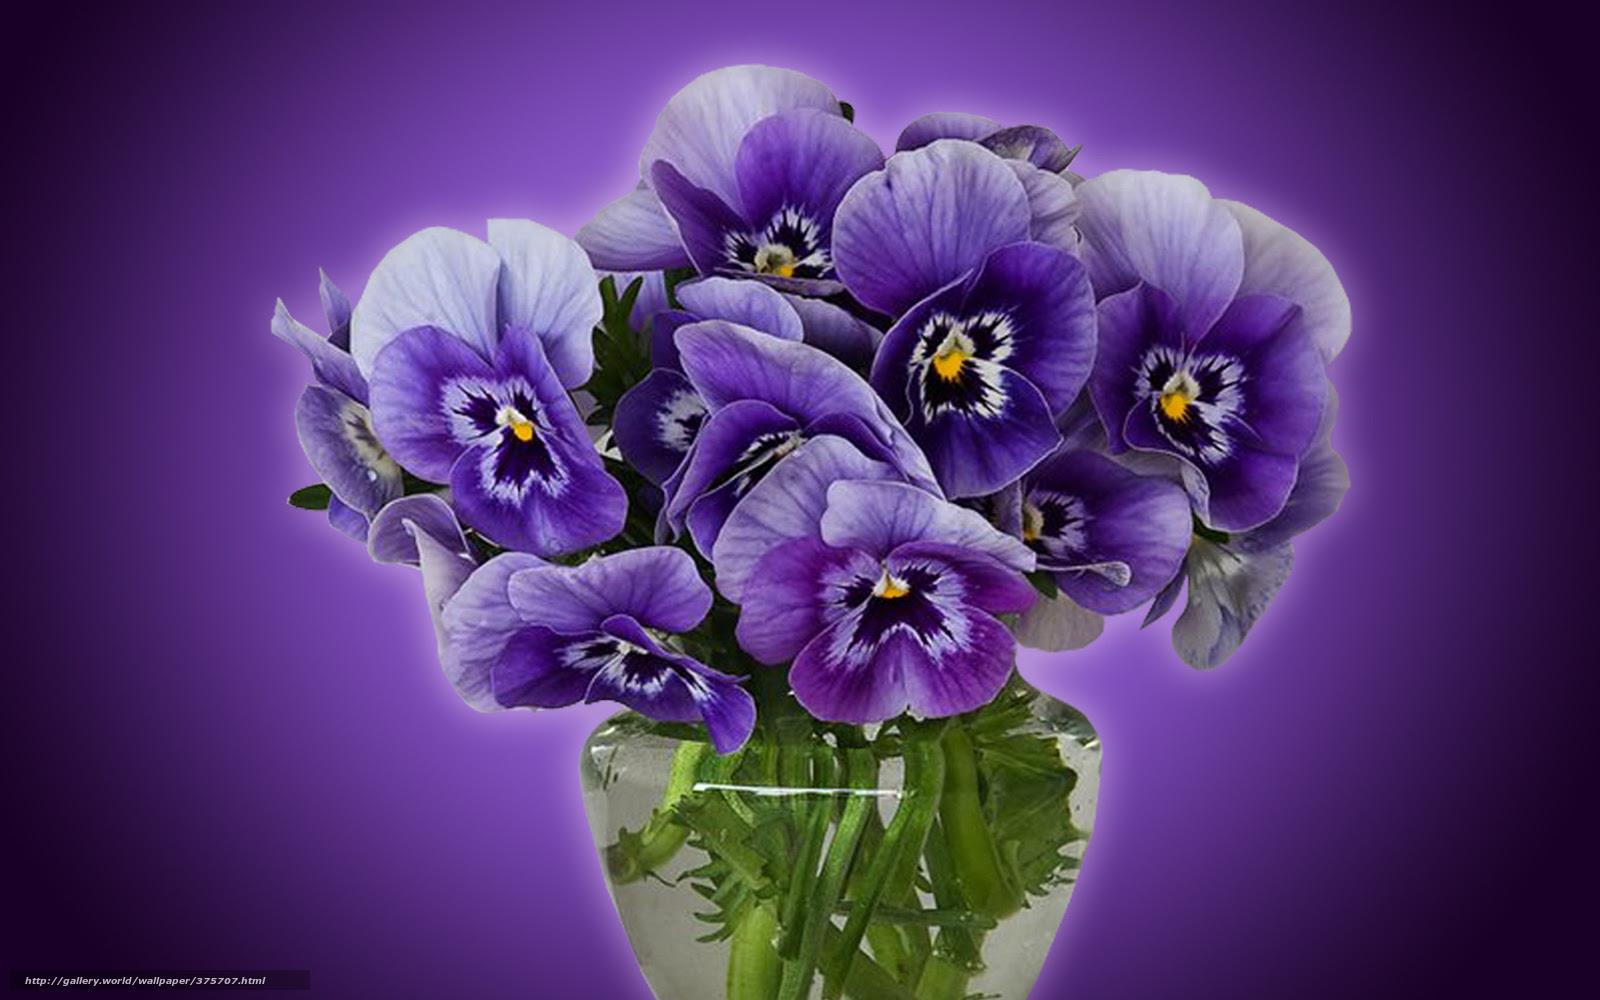 375707_pense_fond violet_vase avec de leau_bouquet_1680x1050_www